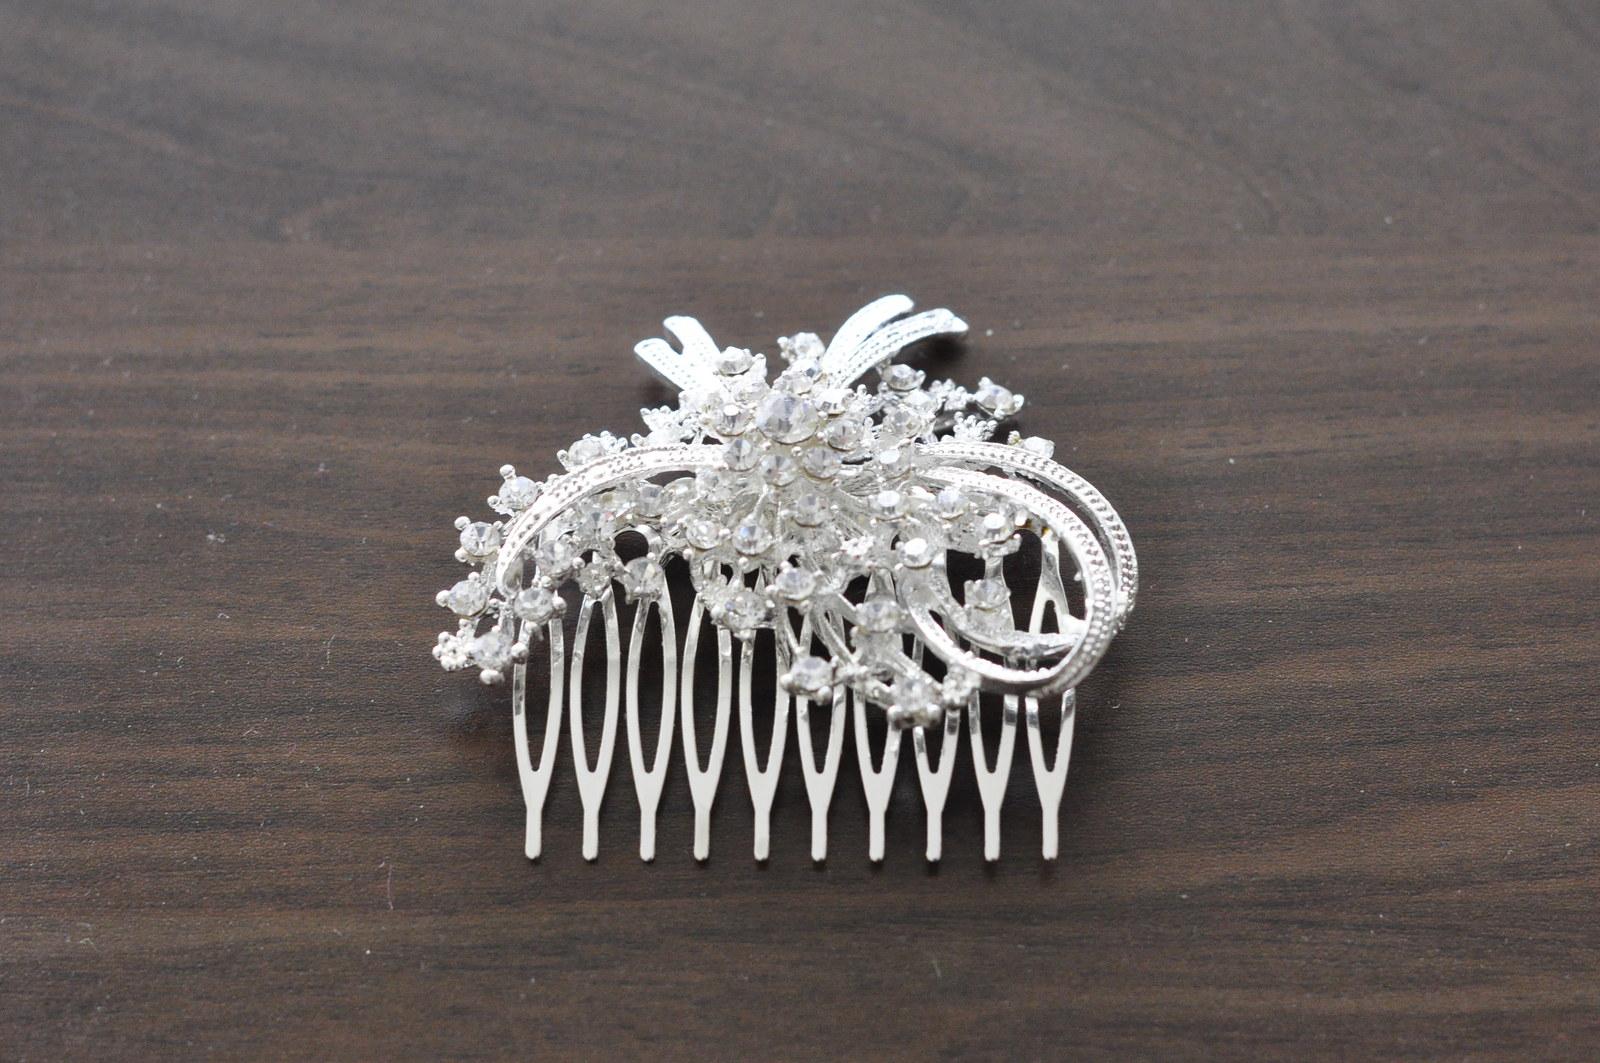 Štrasový hřebínek do vlasů   Zboží prodejce Fragile26  dcabb9434a